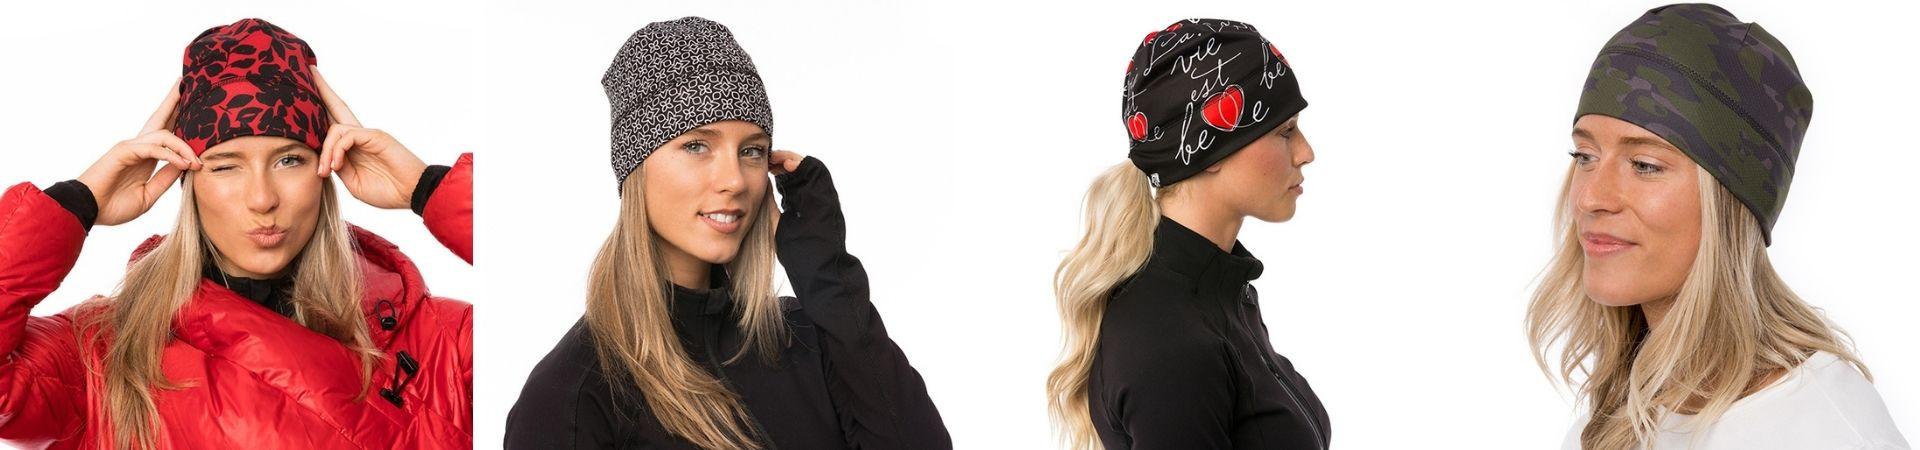 Tuques originales pour femmes en acrylique -  Qualité durable